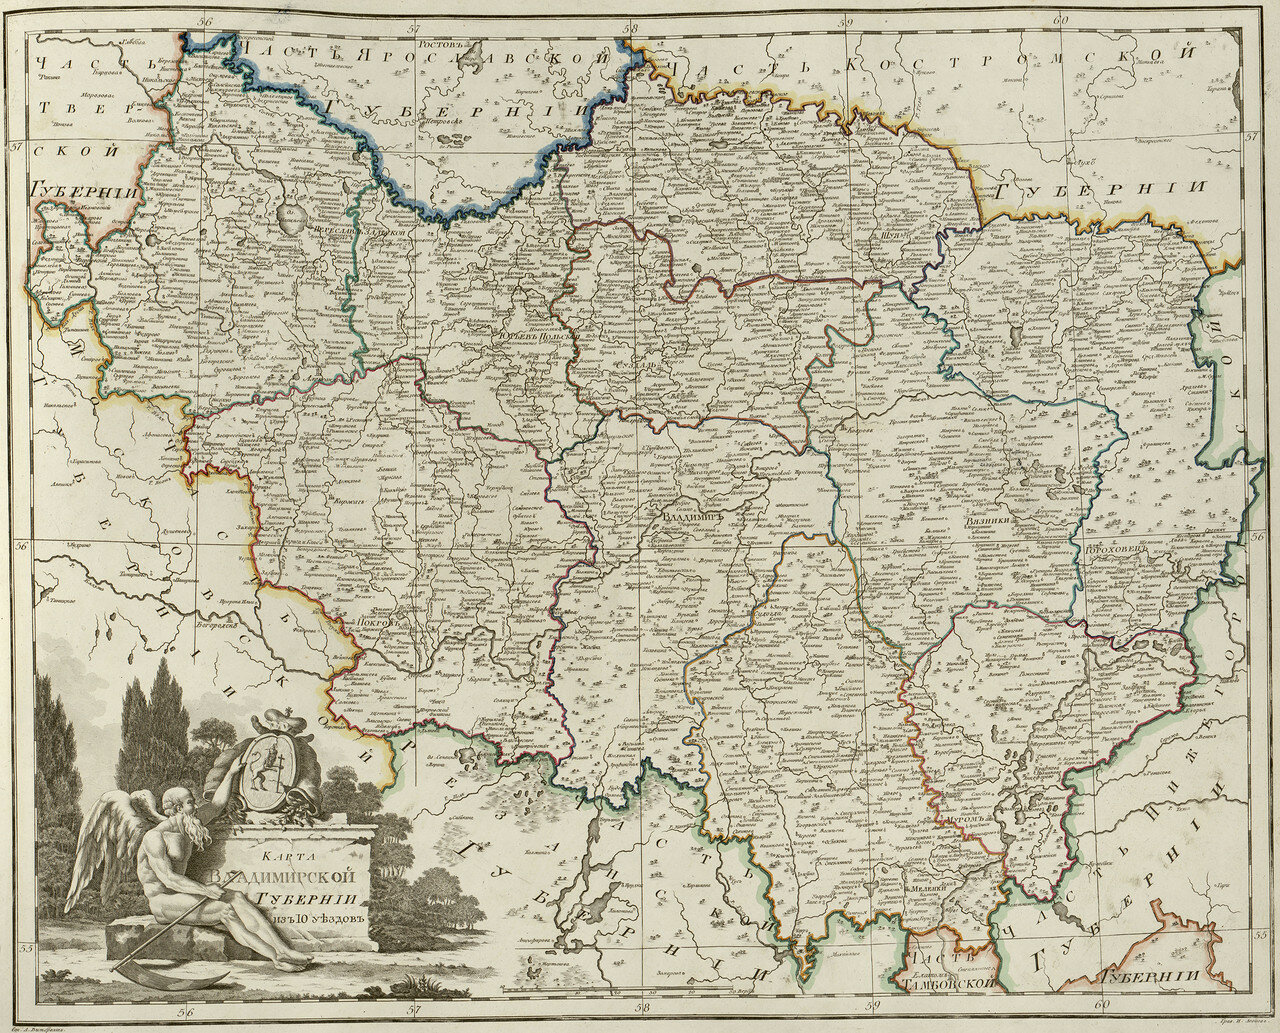 27. Карта Владимирской губернии